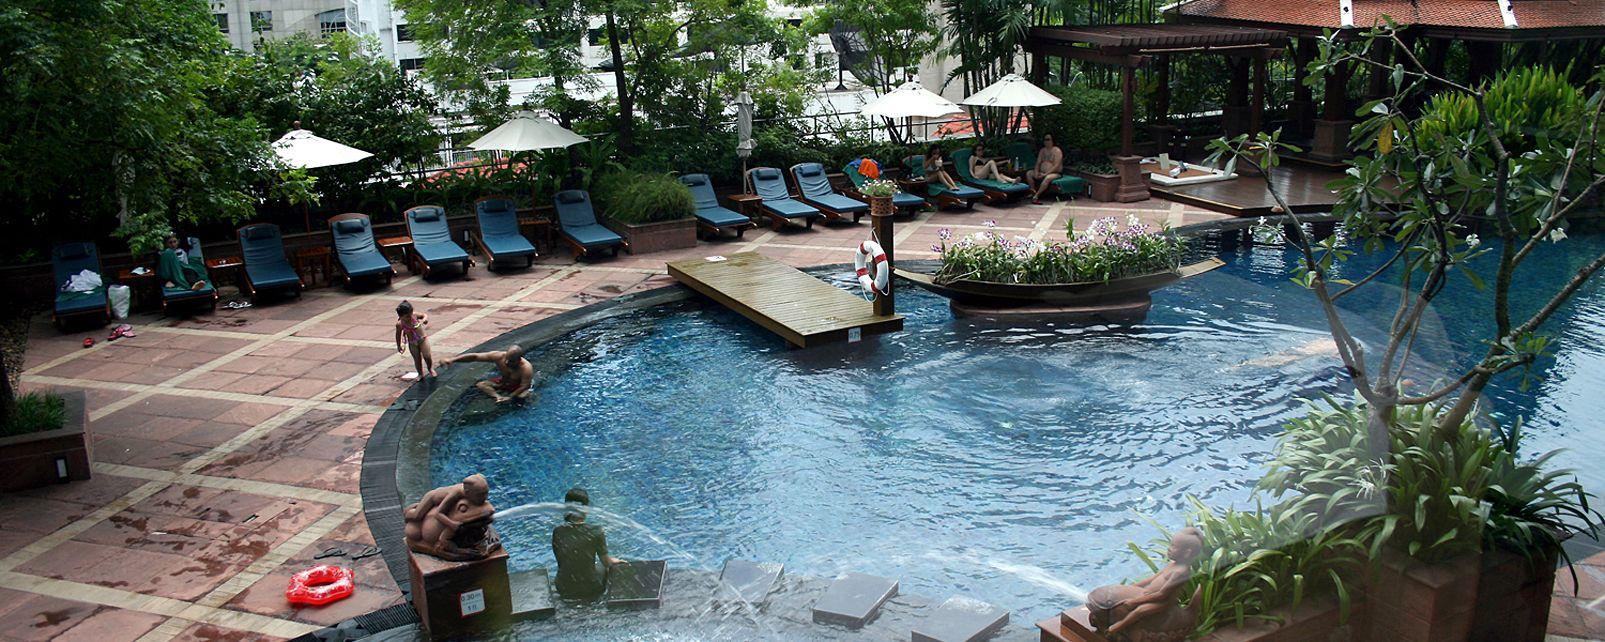 Hôtel Plaza Athénée Bangkok